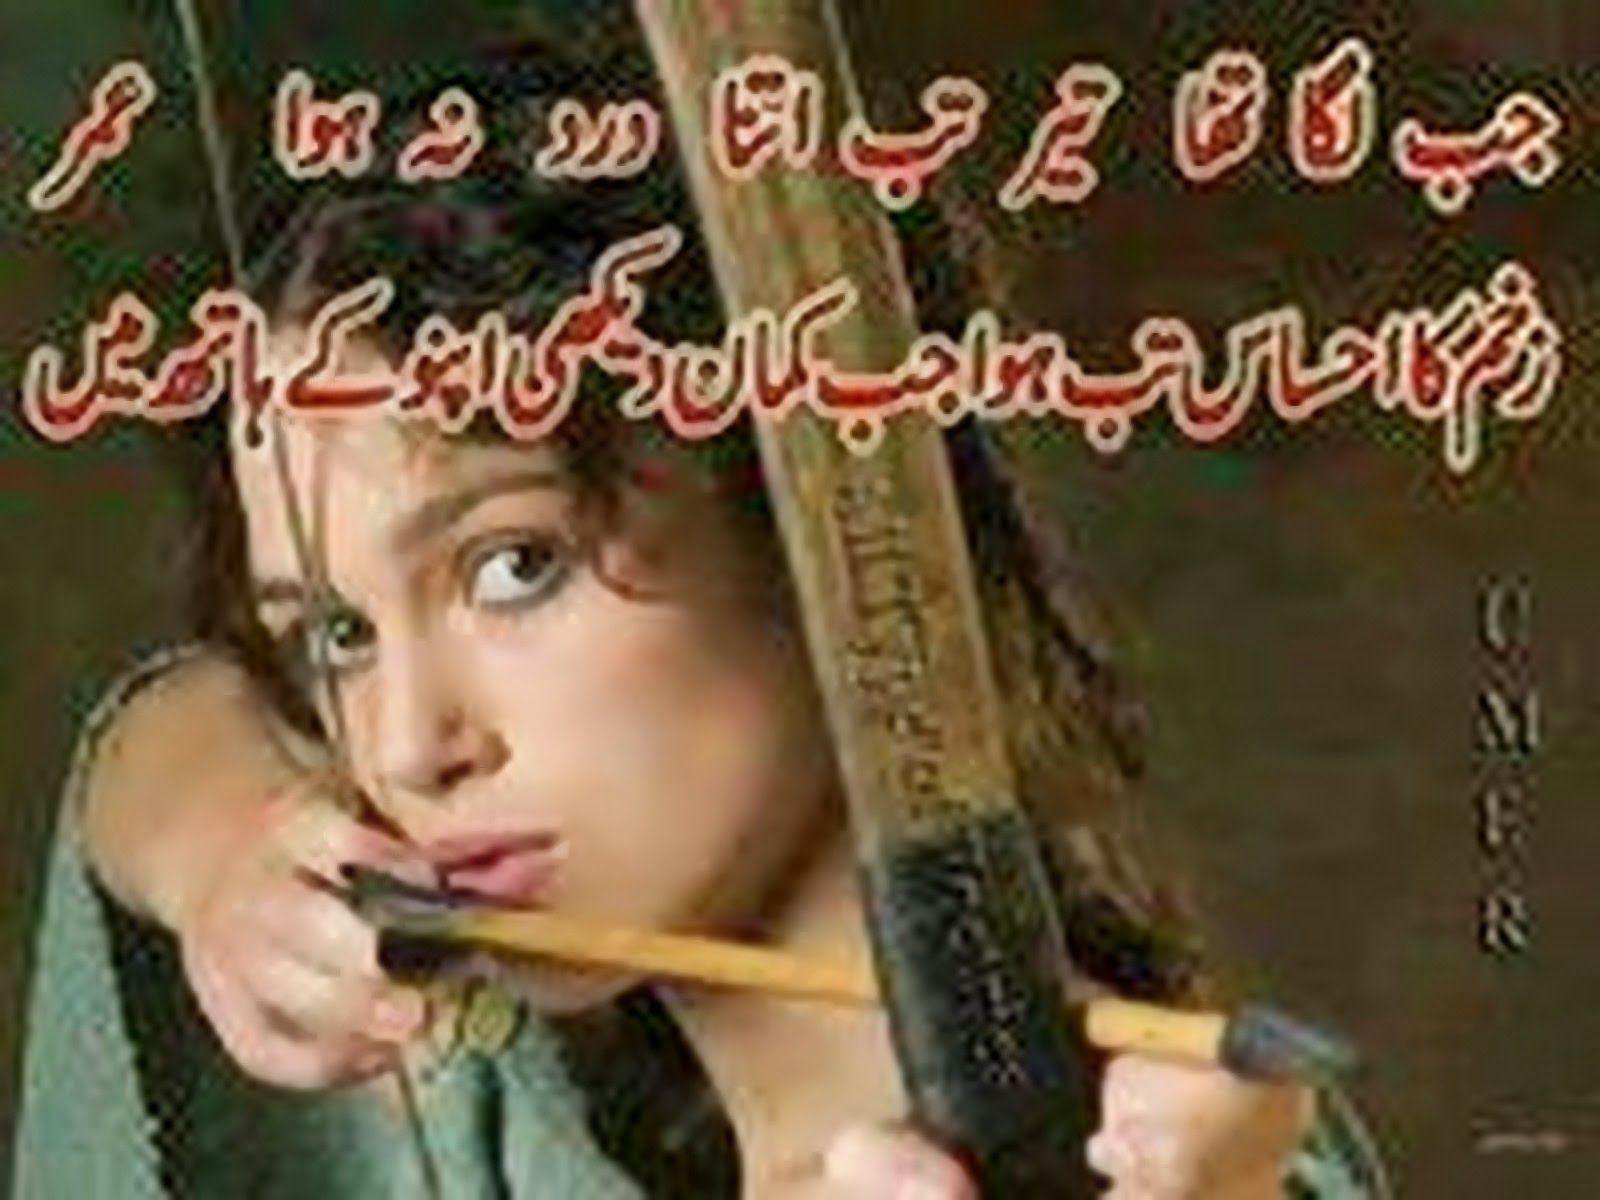 HD WALLPAPER: Urdu Poetry Images